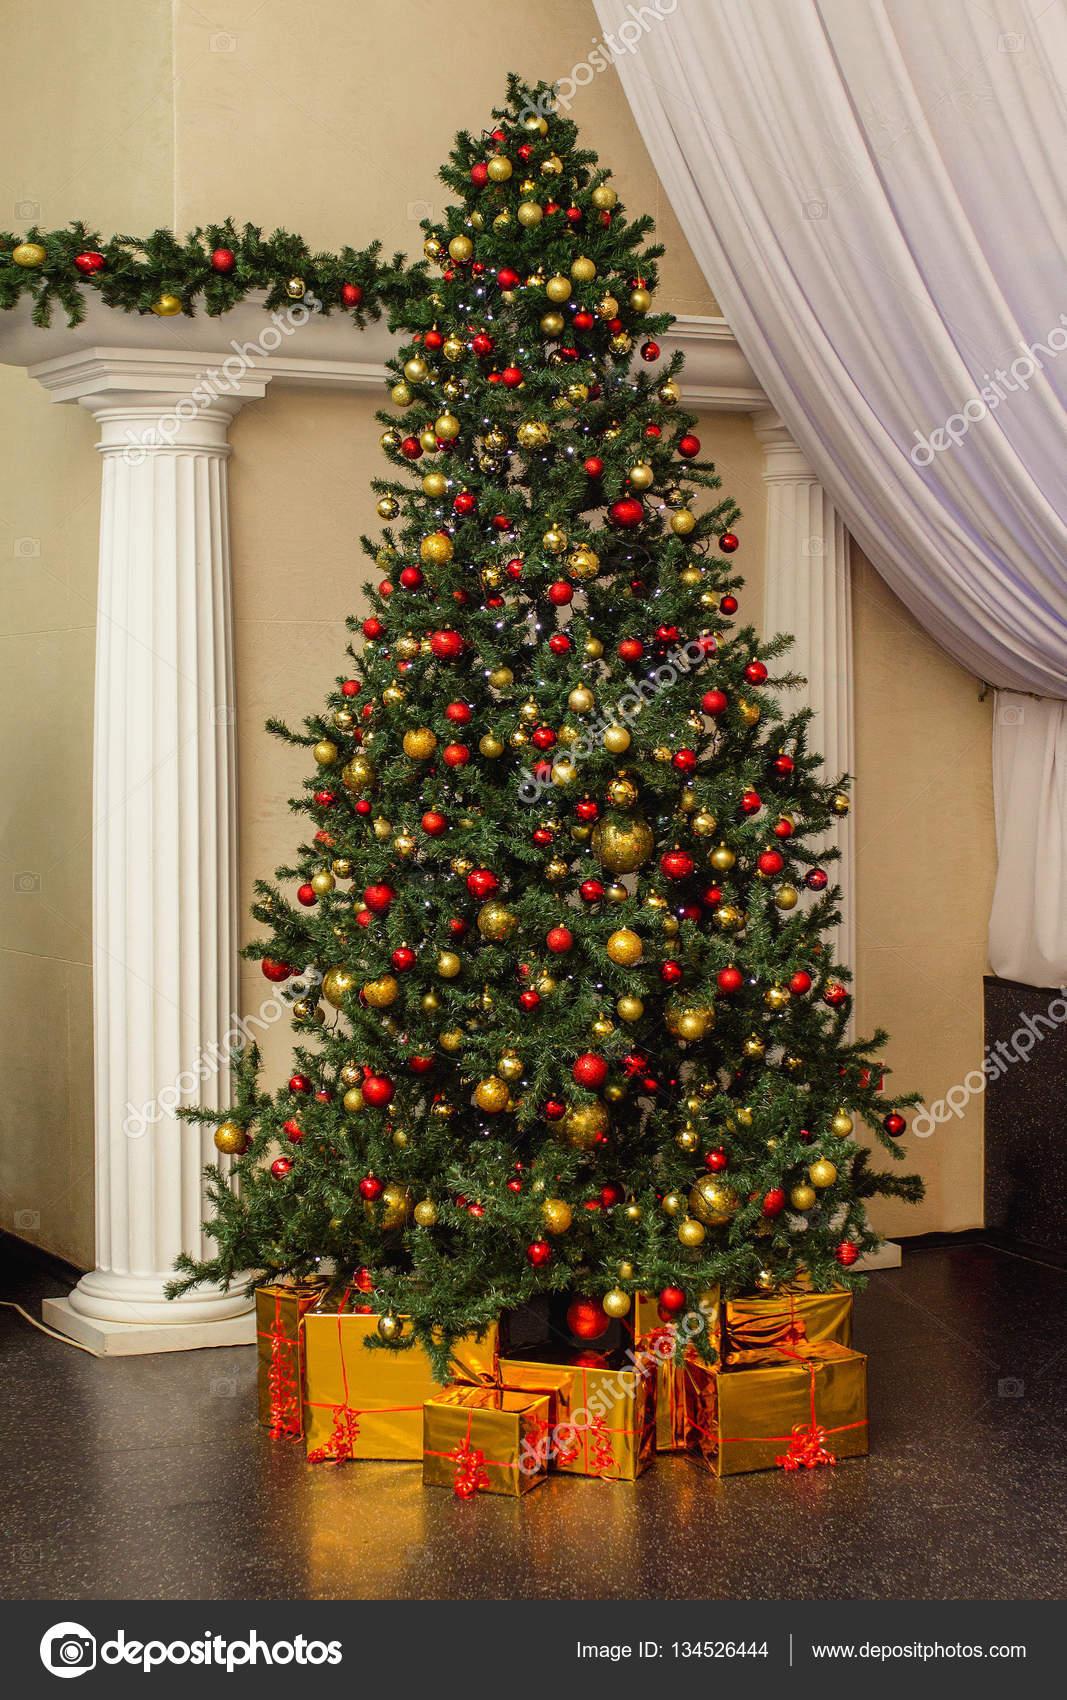 Albero Di Natale Grande.Holdiay Bellissimo Albero Di Natale Grande Decorato Con Scatola